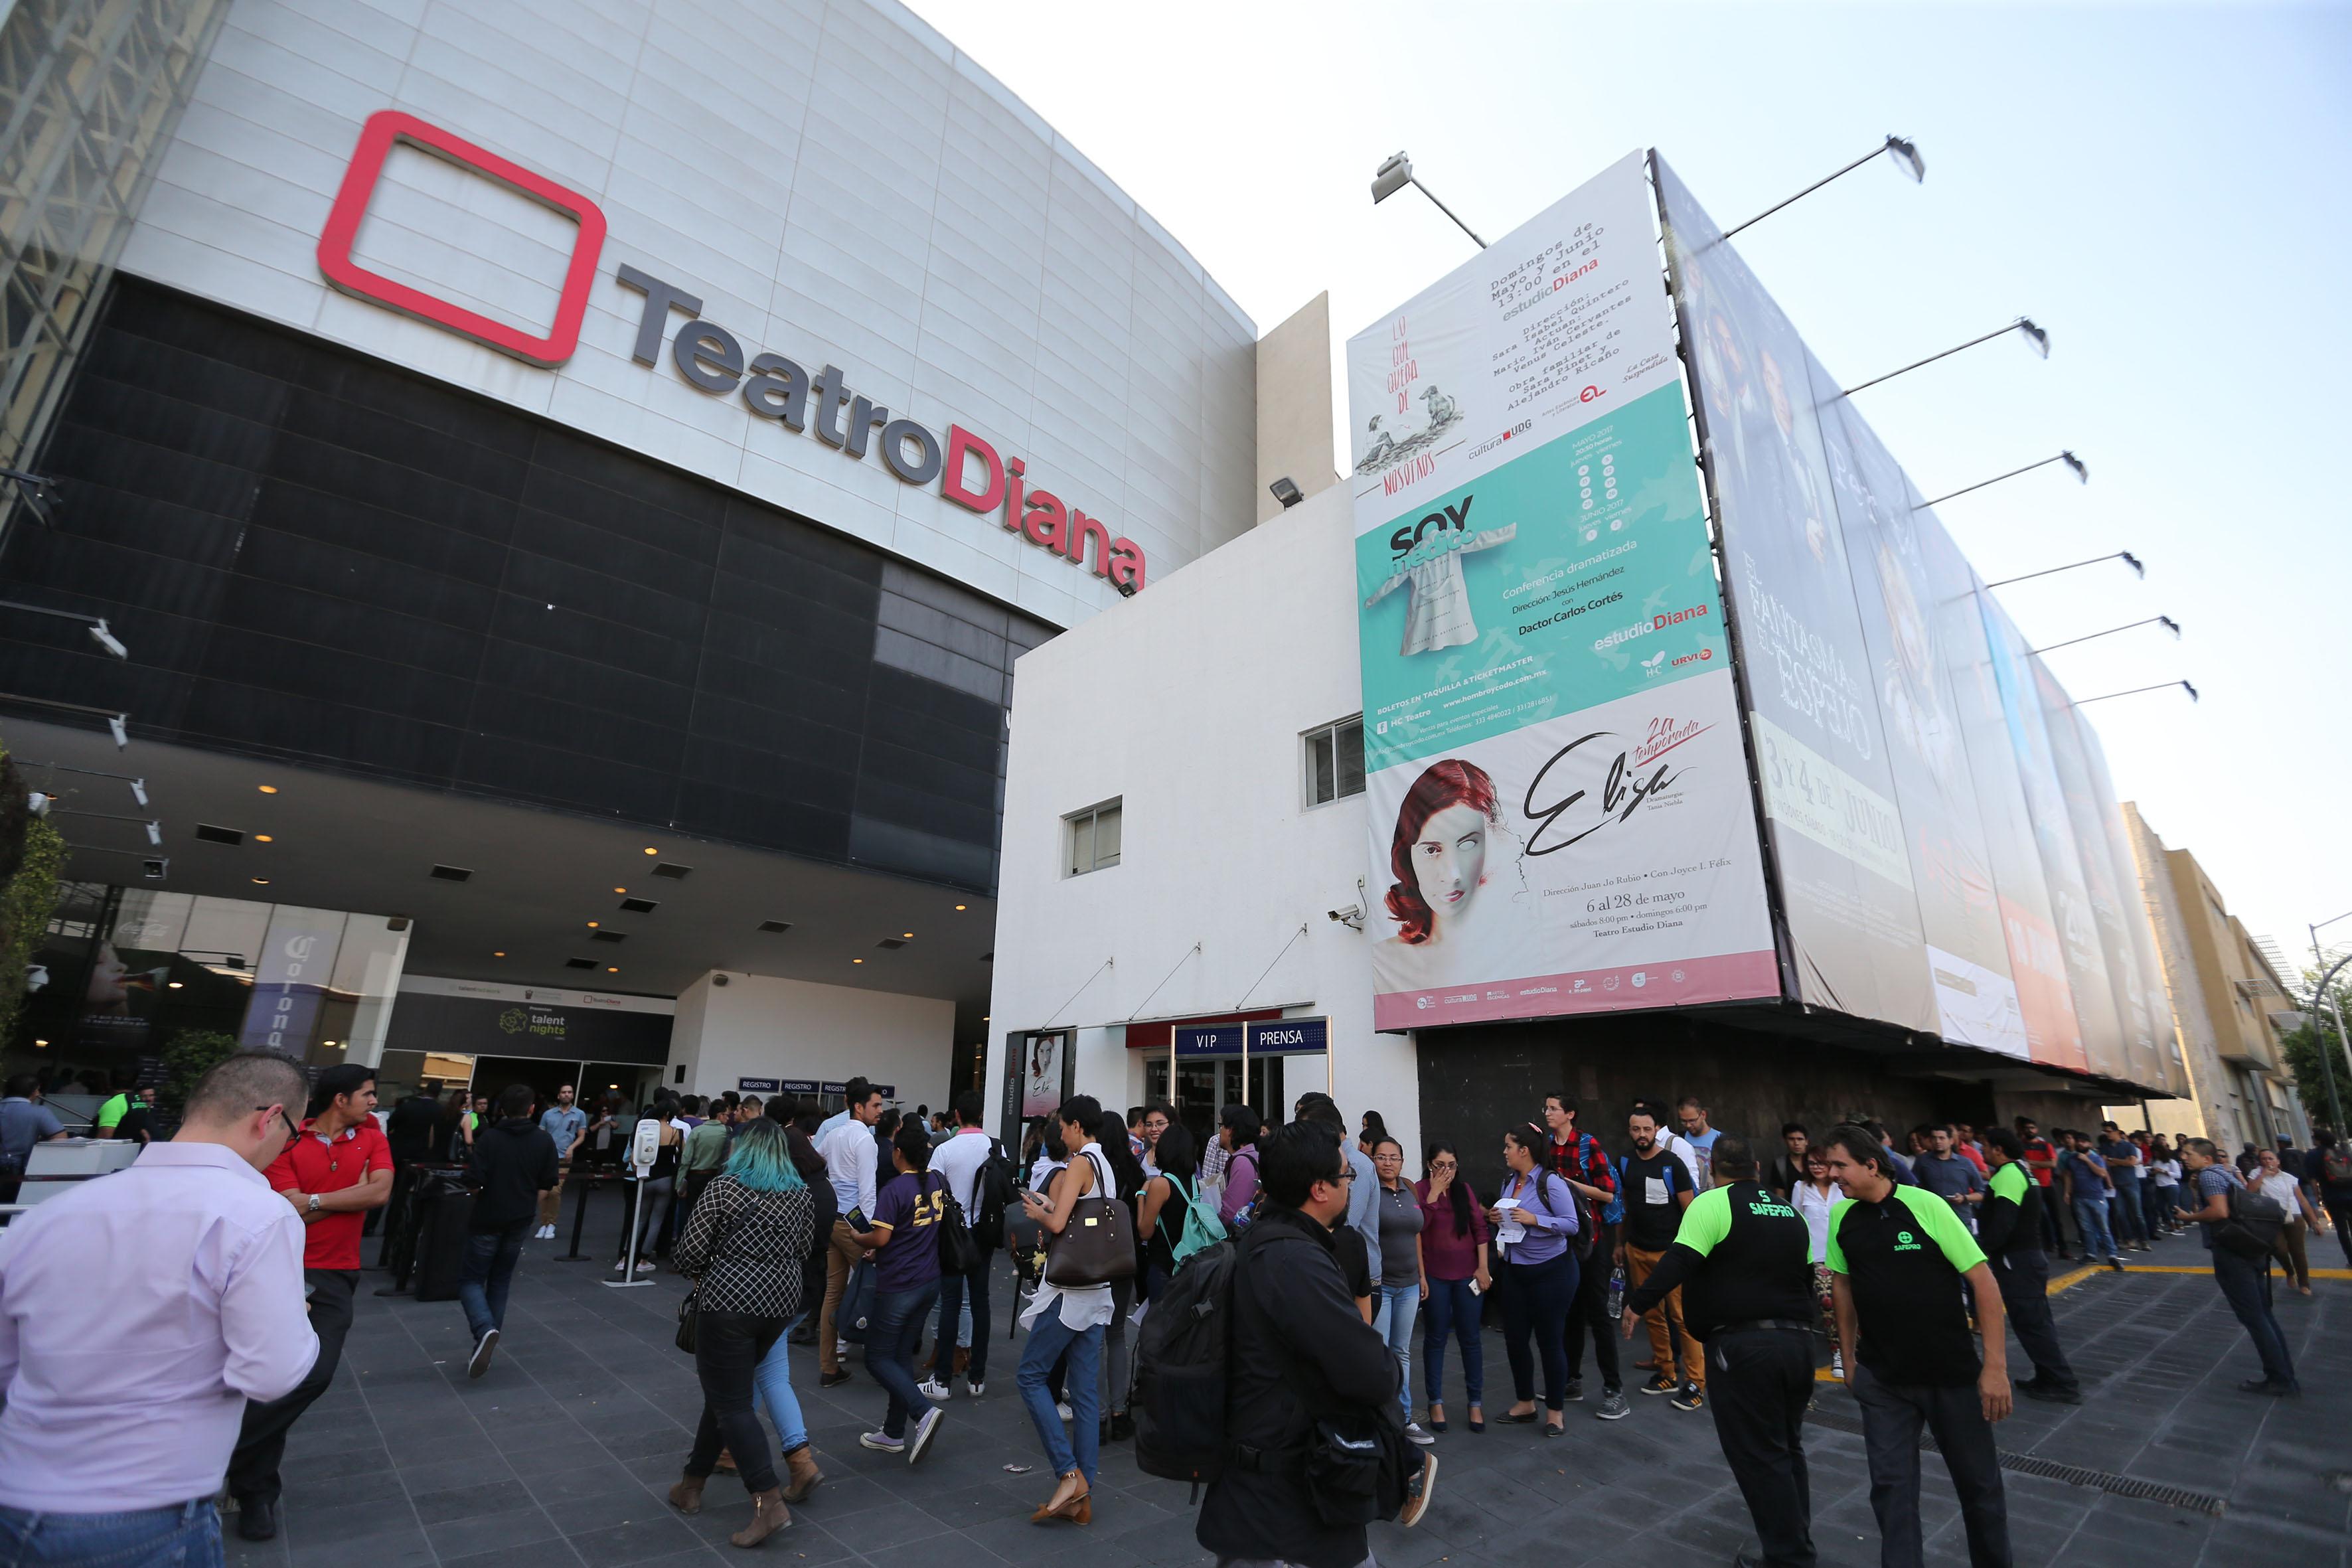 Exteriores del Teatro Diana, mientras los asistentes van entrando al recinto.